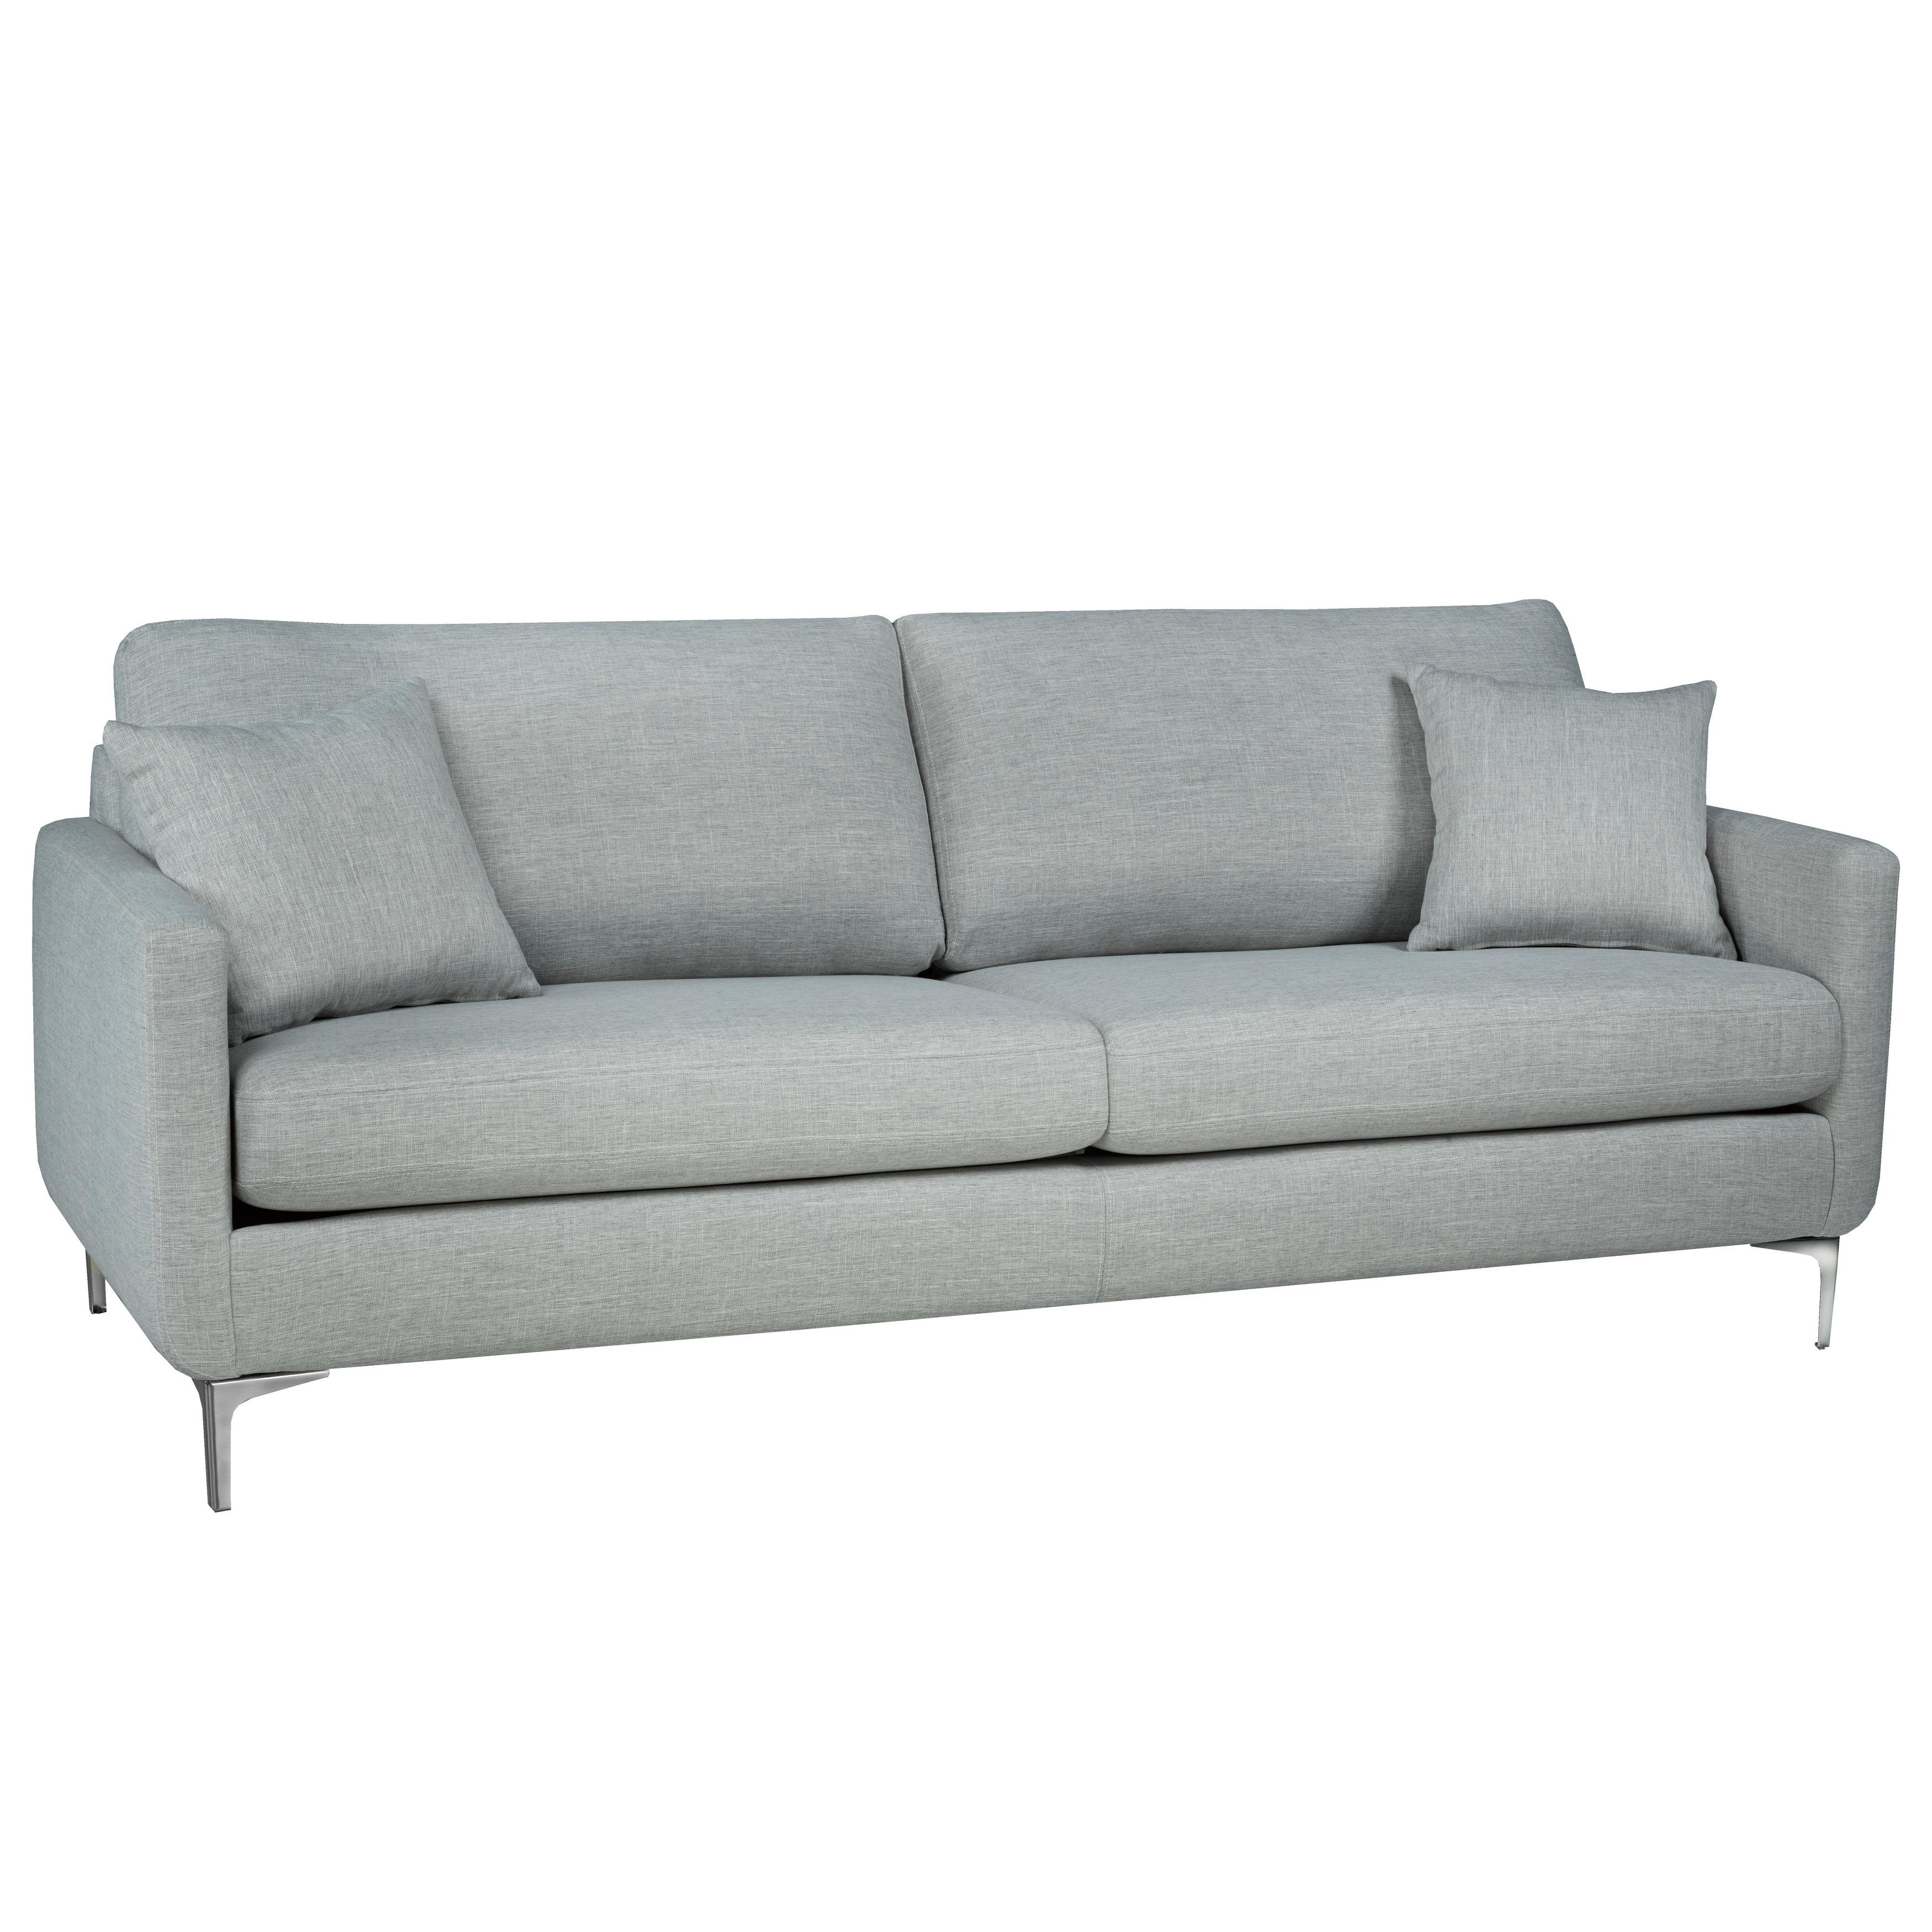 Verführerisch Sofa Rose Beste Wahl Shop Mid Century Modern Grey Fabric -